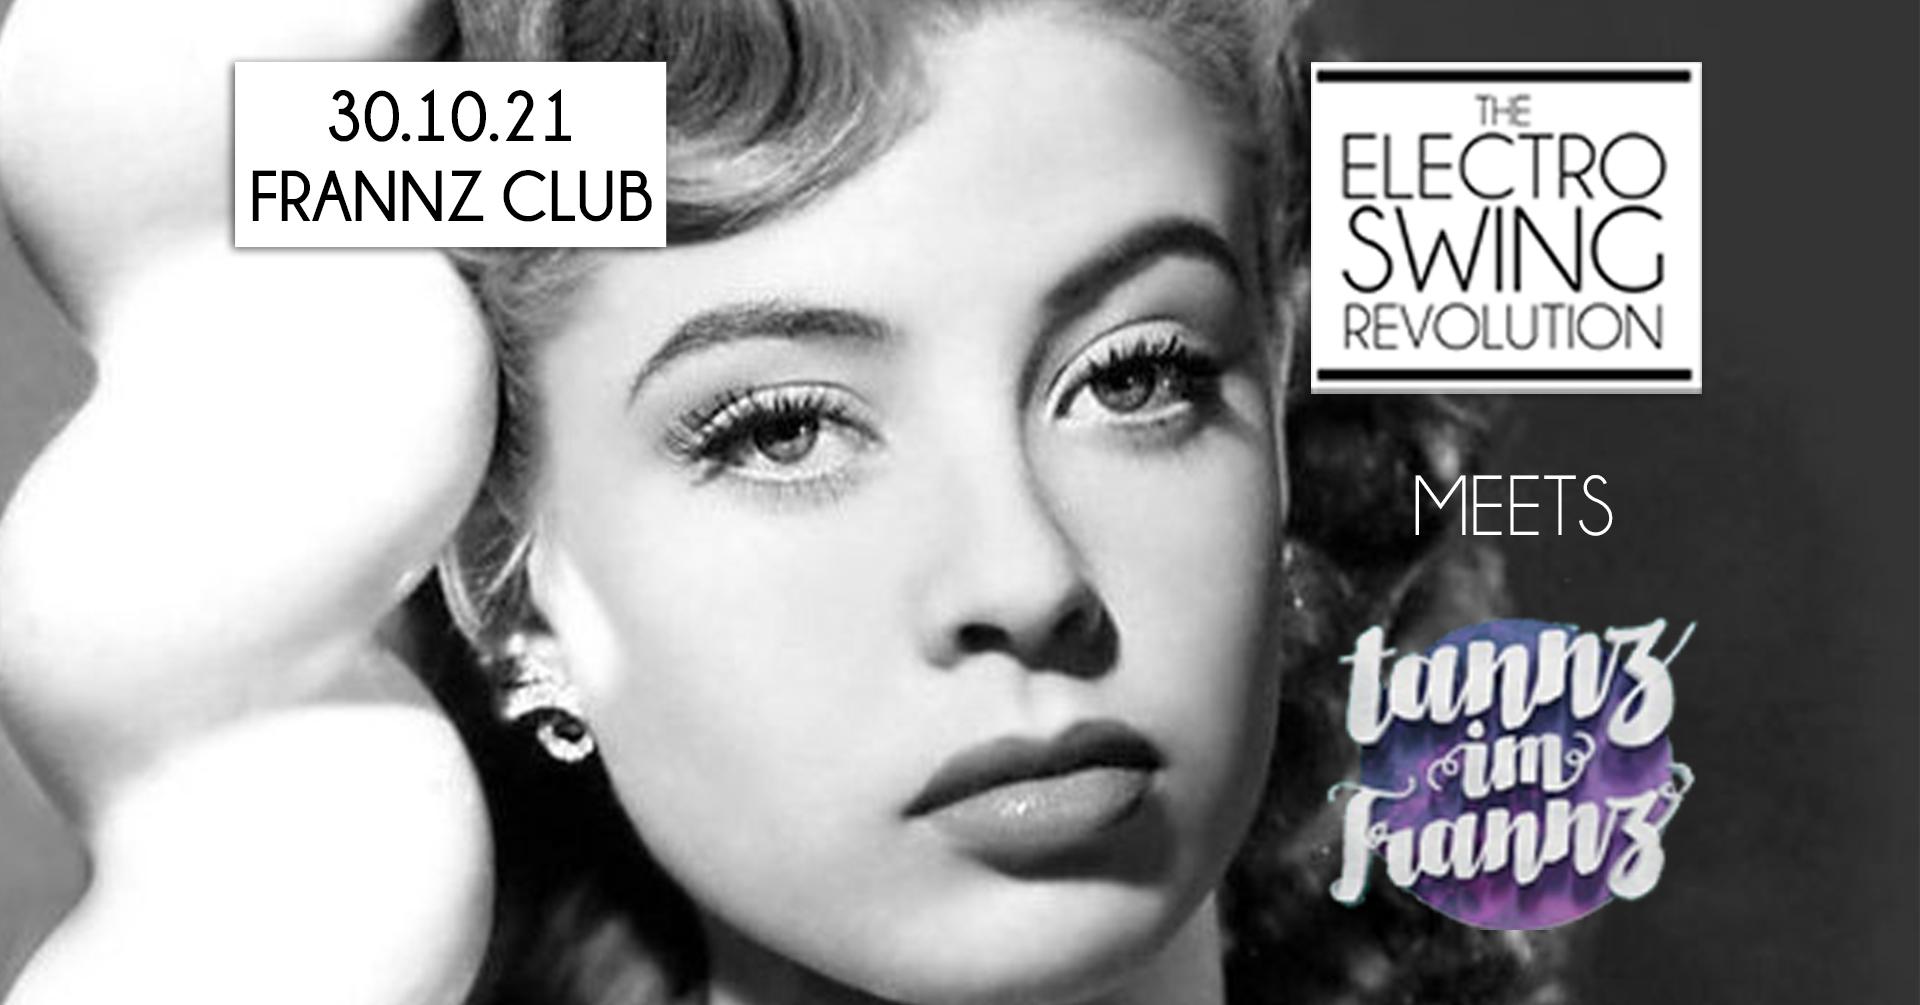 Electro Swing Revolution am 30.10.2021 @ FRANNZ CLUB BERLIN